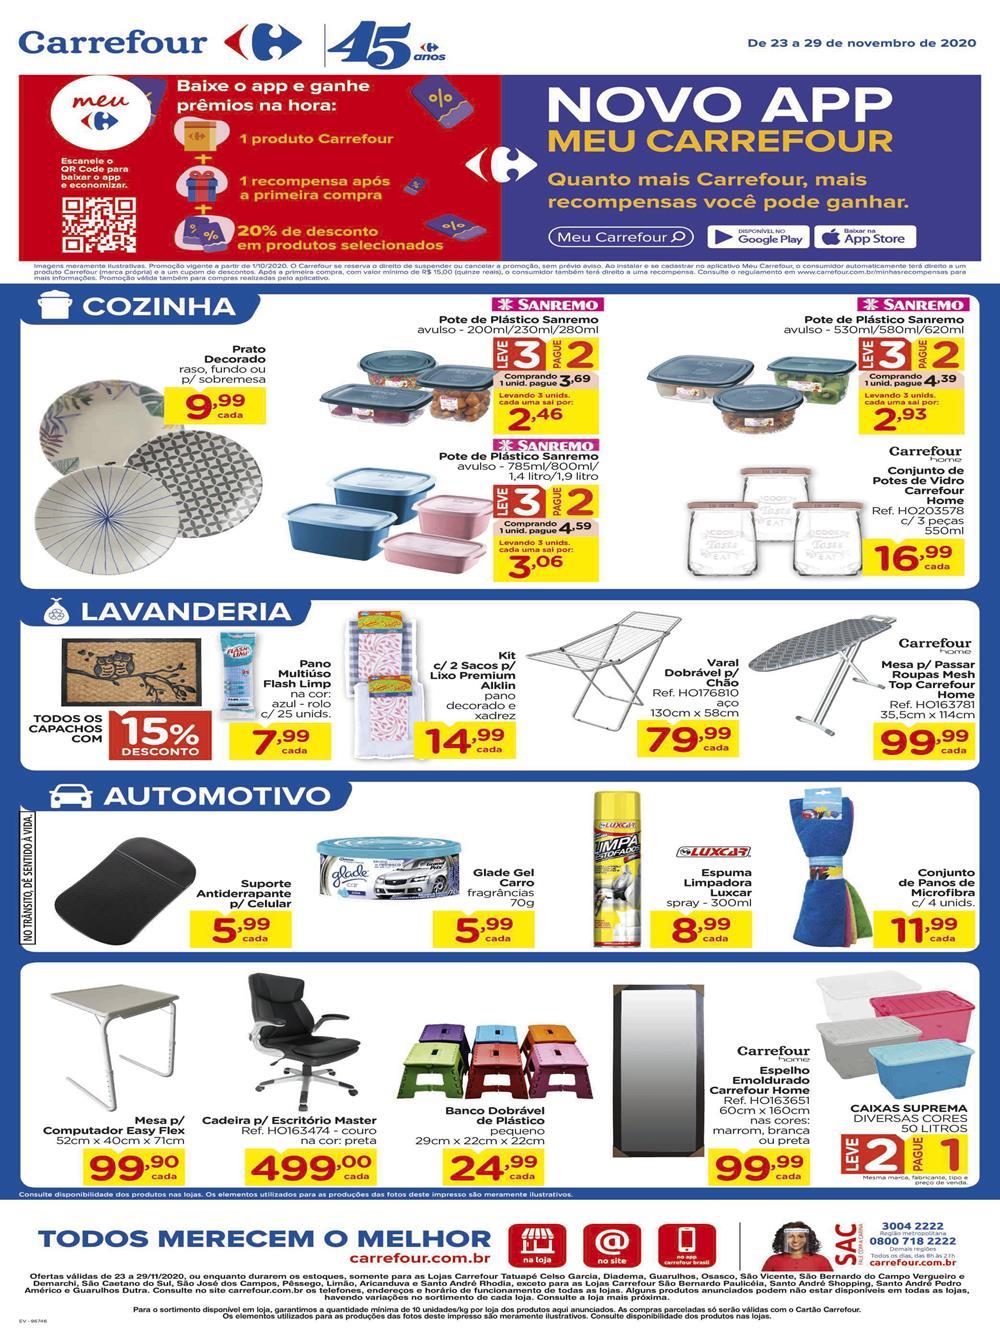 carrefour-ofertas-descontos-hoje15-5 Carrefour até 29/11